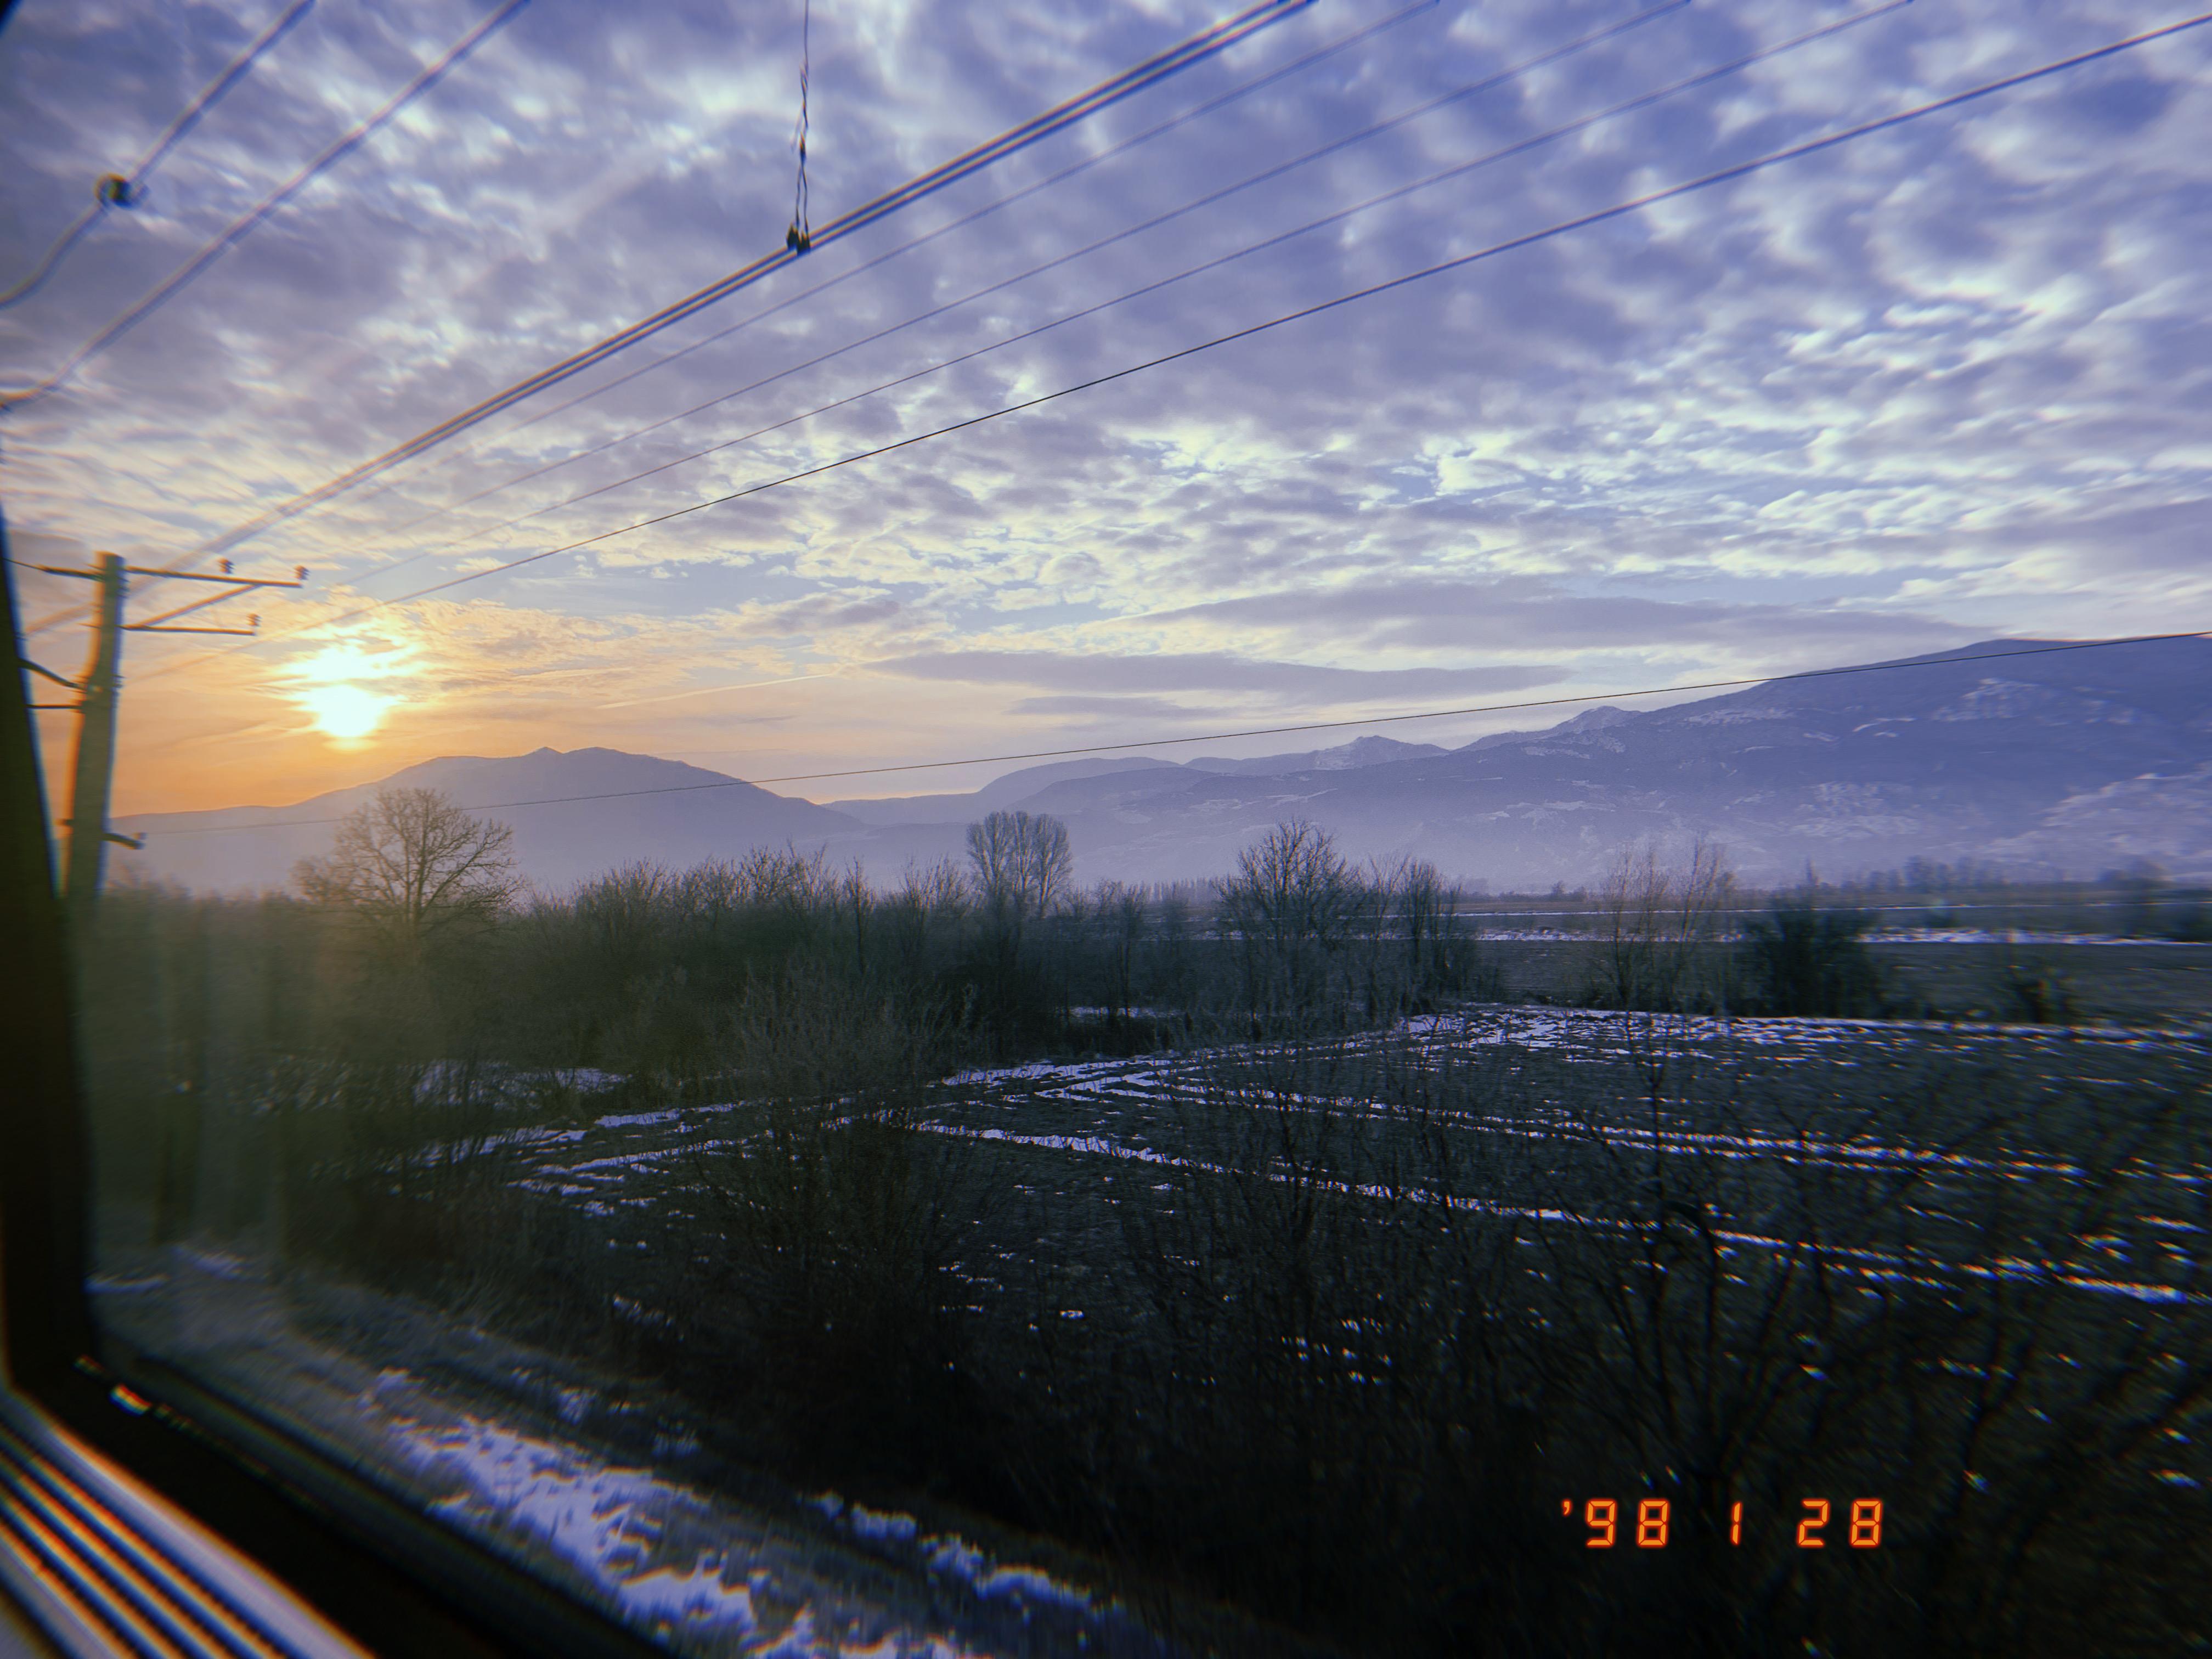 トビリシからバトゥミまで向かう途中の列車からの景色